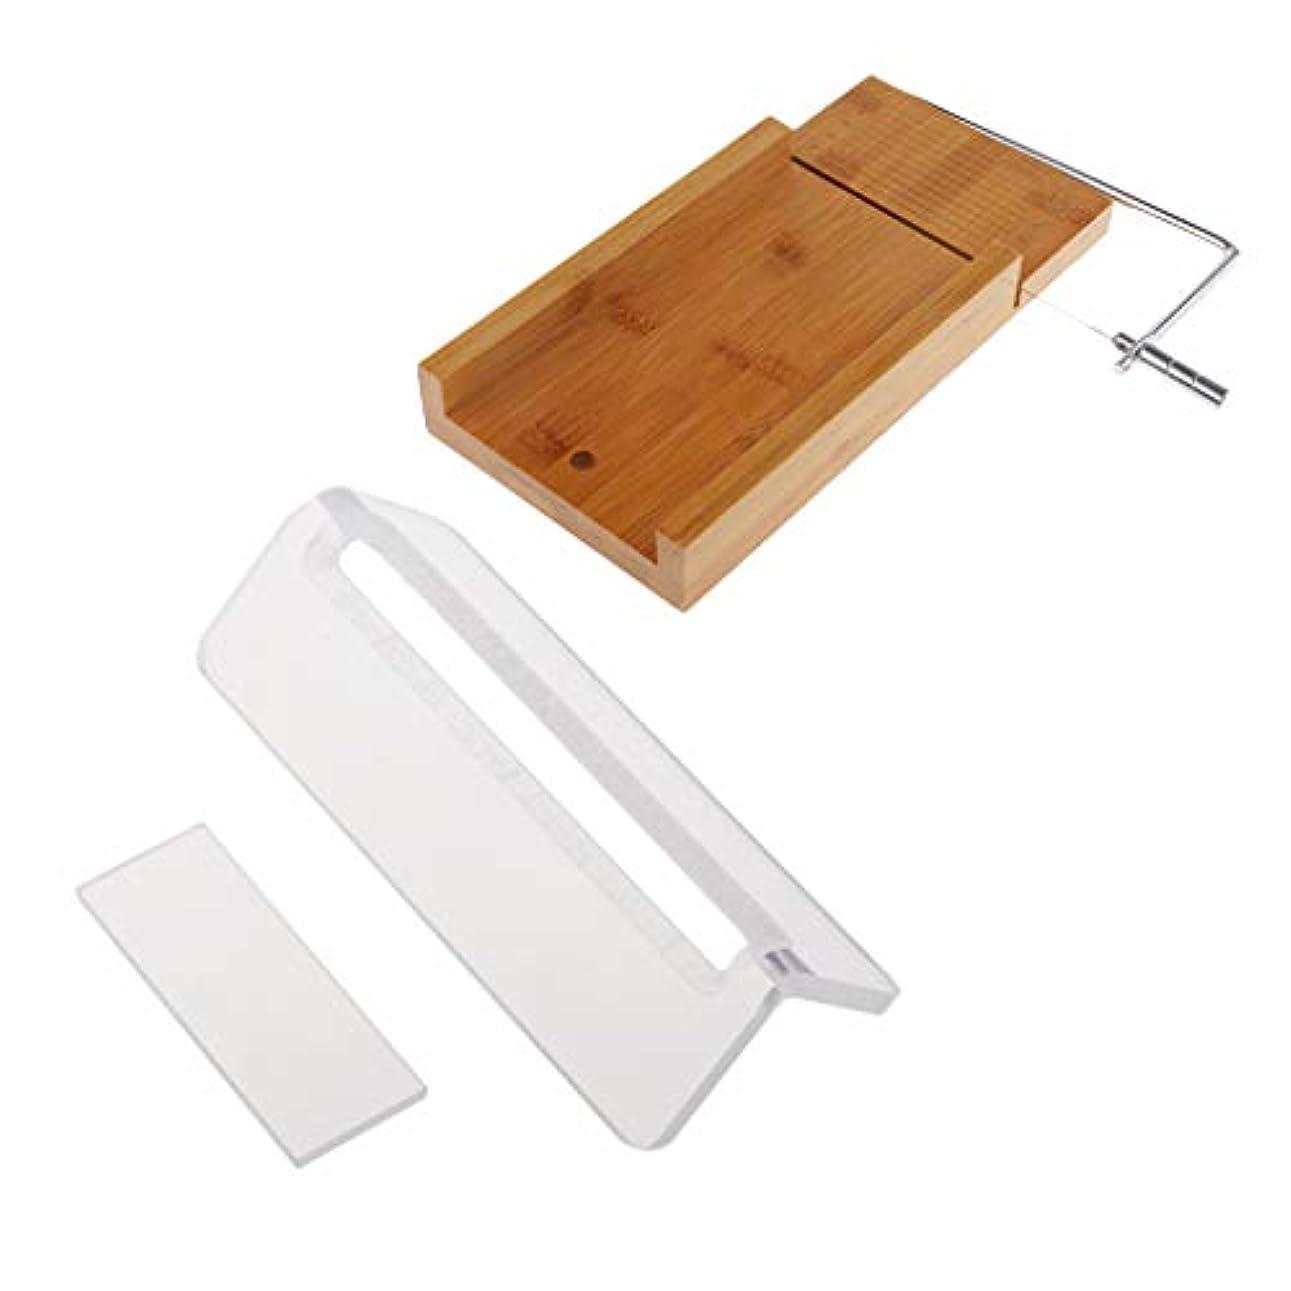 さわやか溶けた後方にFLAMEER ローフカッター 木製 ソープ包丁 石鹸カッター 手作り石鹸 DIY キッチン用品 2個入り